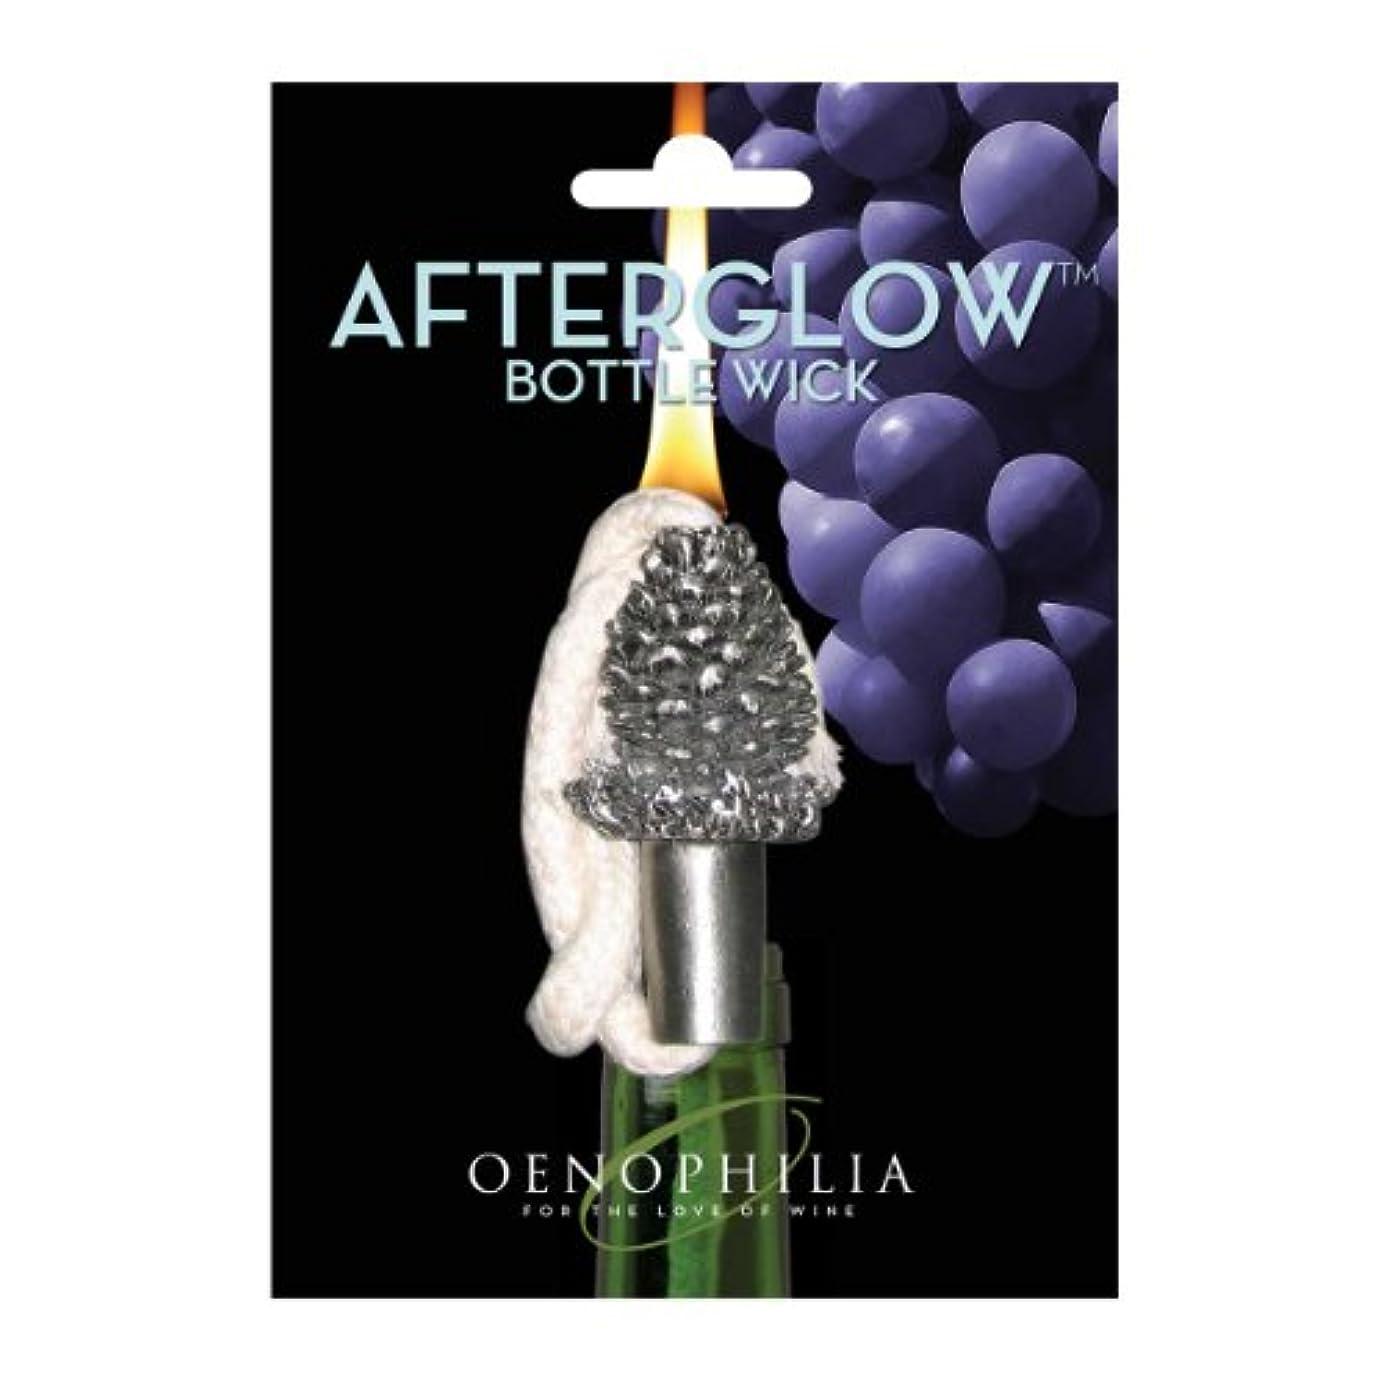 気を散らす海上慎重にOenophilia Afterglow Bottle Wick - Pinecone by Oenophilia [並行輸入品]